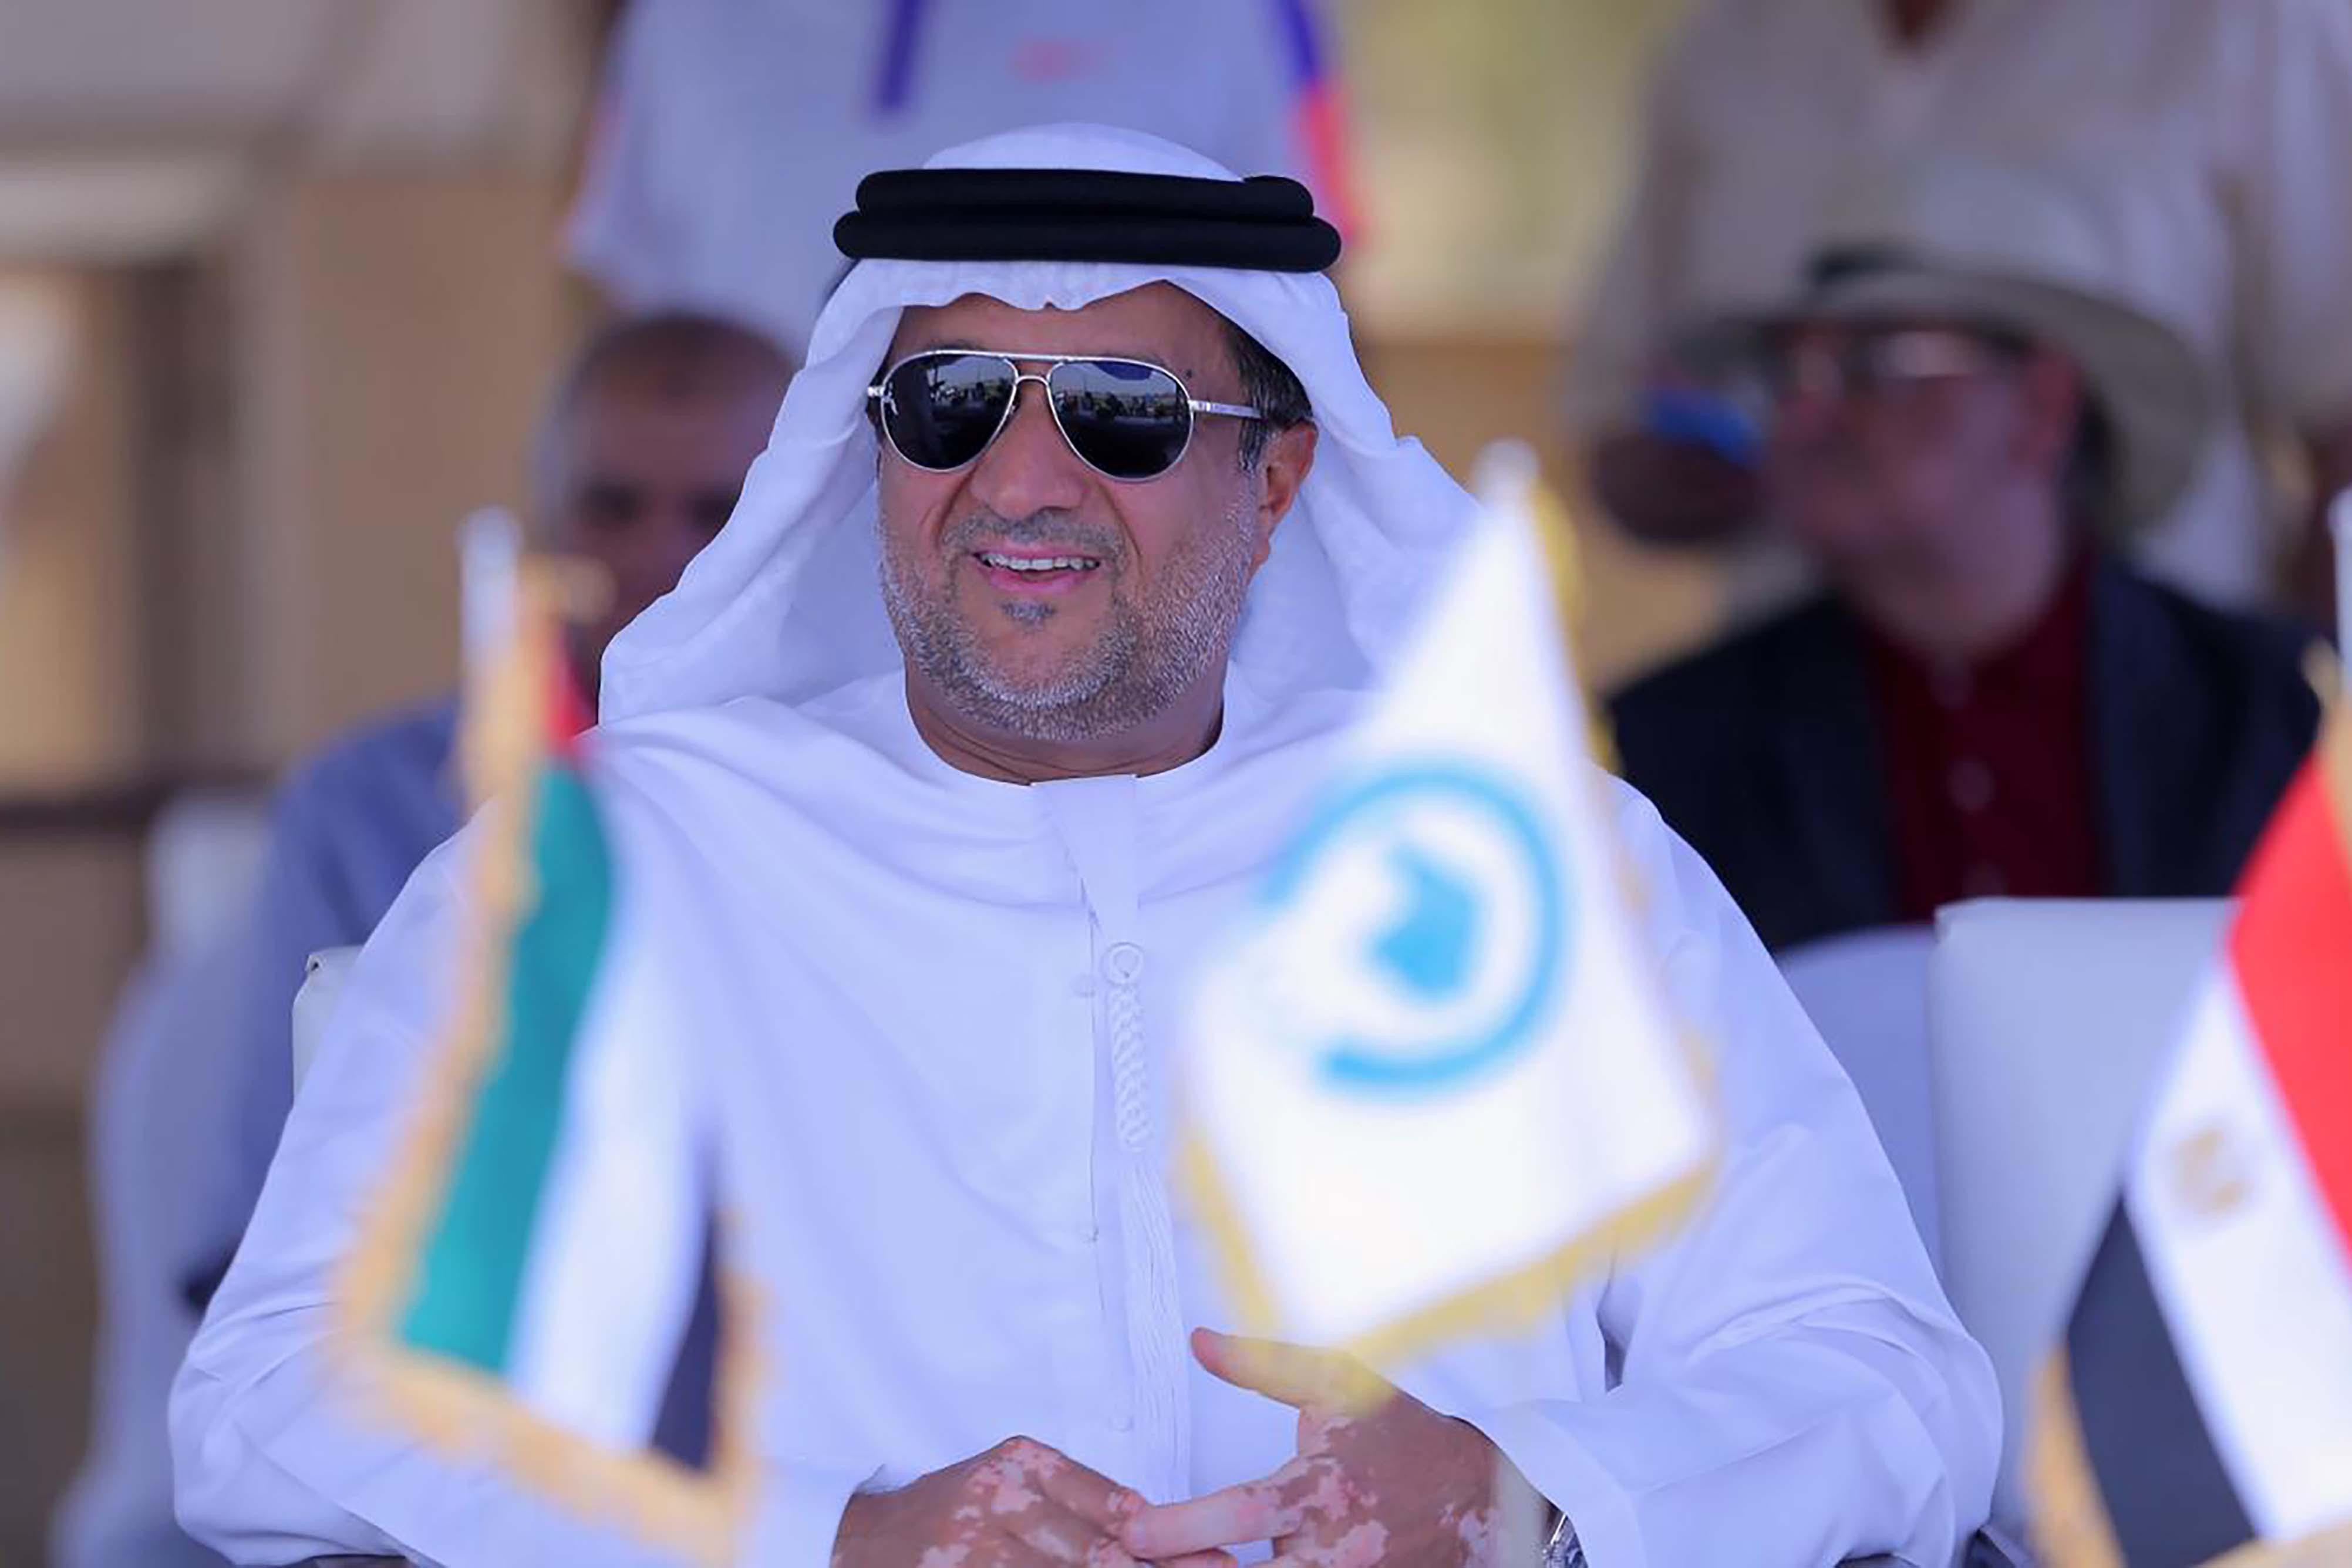 السويد تستضيف المحطة الرابعة من كأس رئيس الدولة للخيول العربية غدا